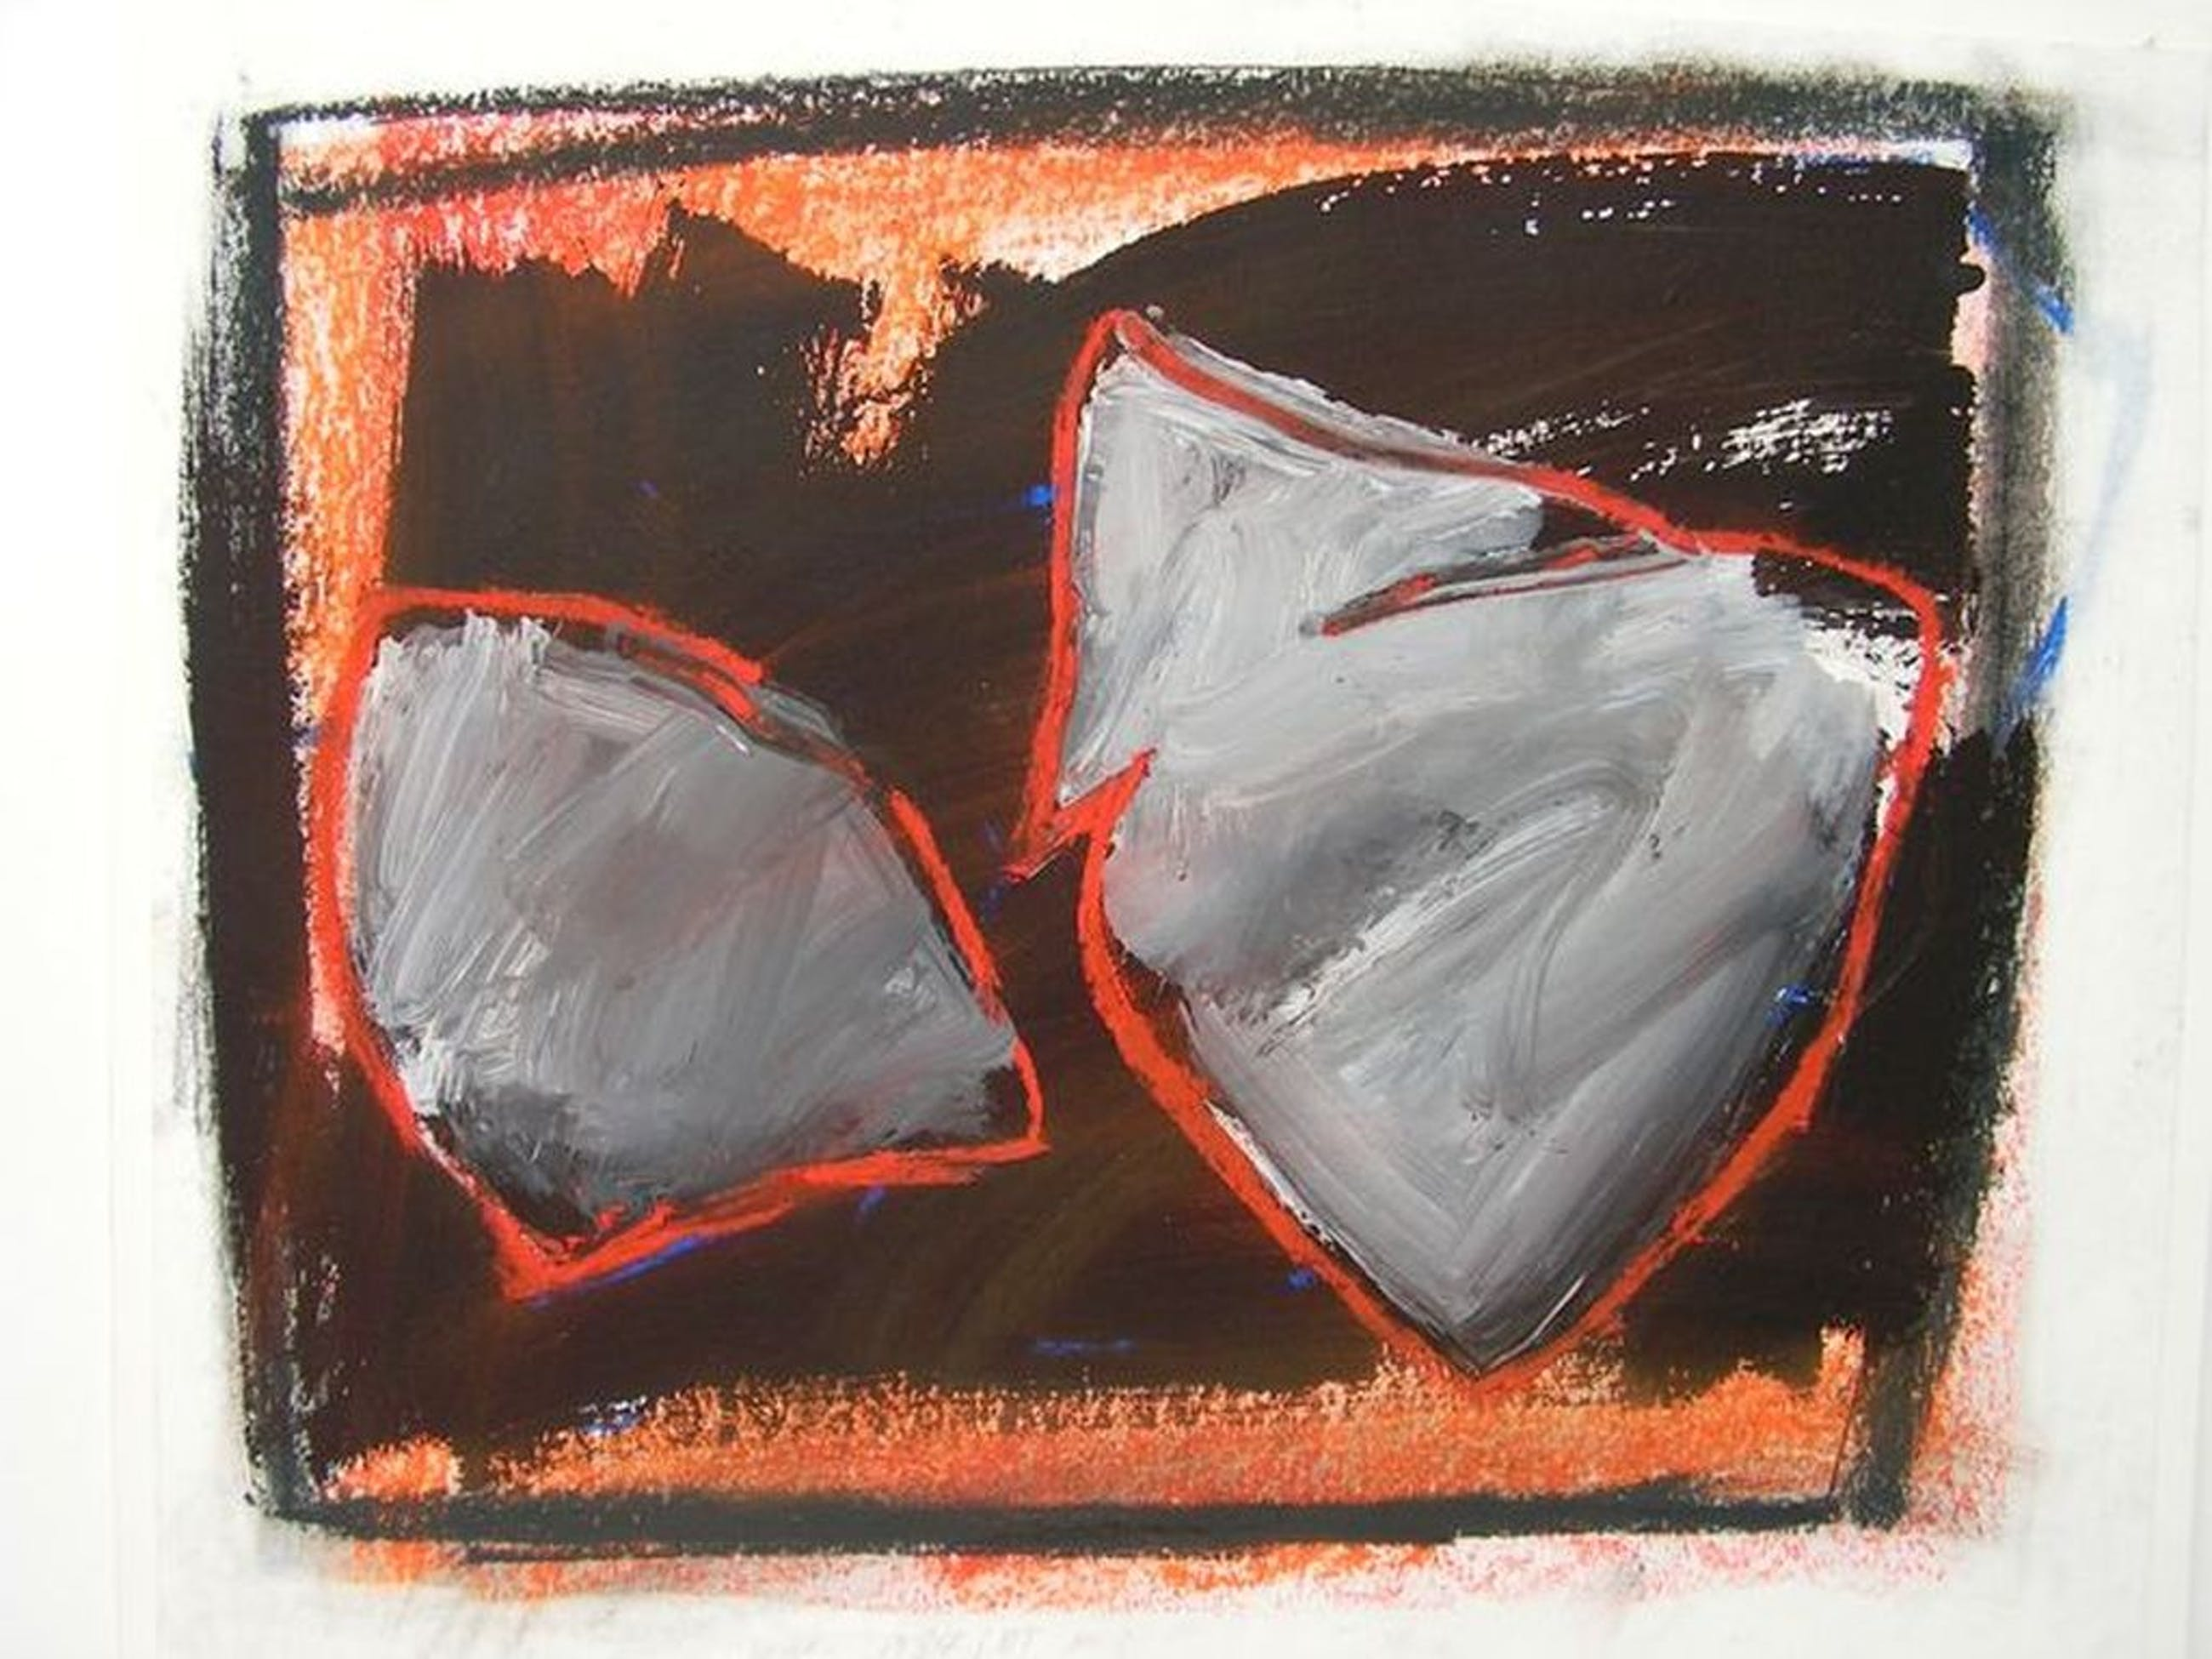 Marc Pijnappels - Abstract - Gemengde techniek op papier - gesigneerd - 1984/85 kopen? Bied vanaf 1!